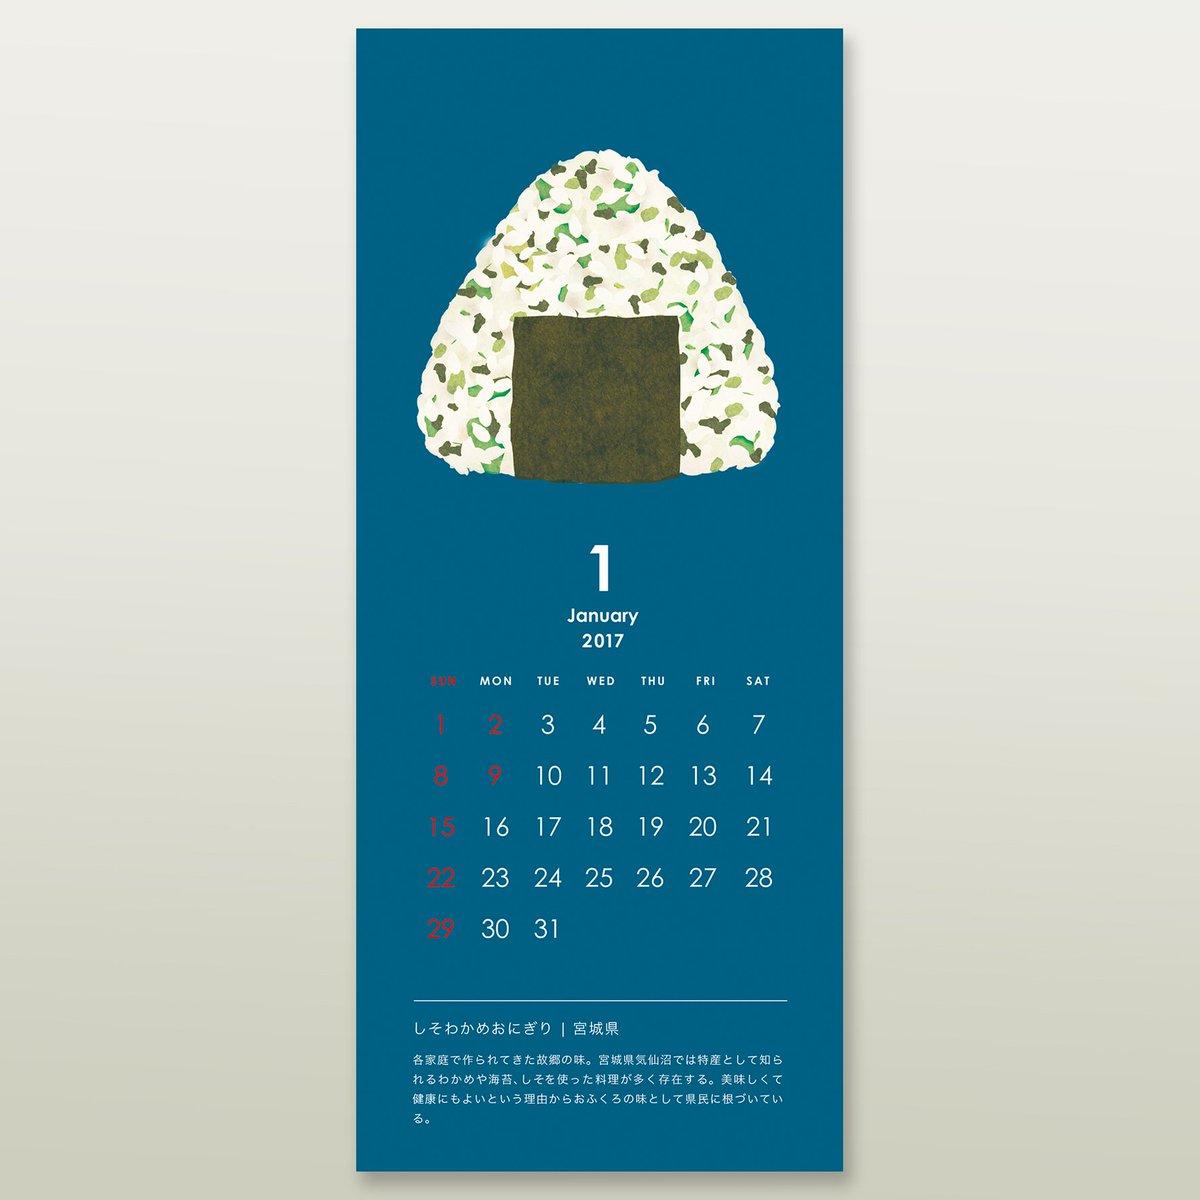 【おにぎりカレンダー2017】もう1月の後半だけど...1月のおにぎりは宮城県の「しそわかめおにぎり」でした!2月もお楽